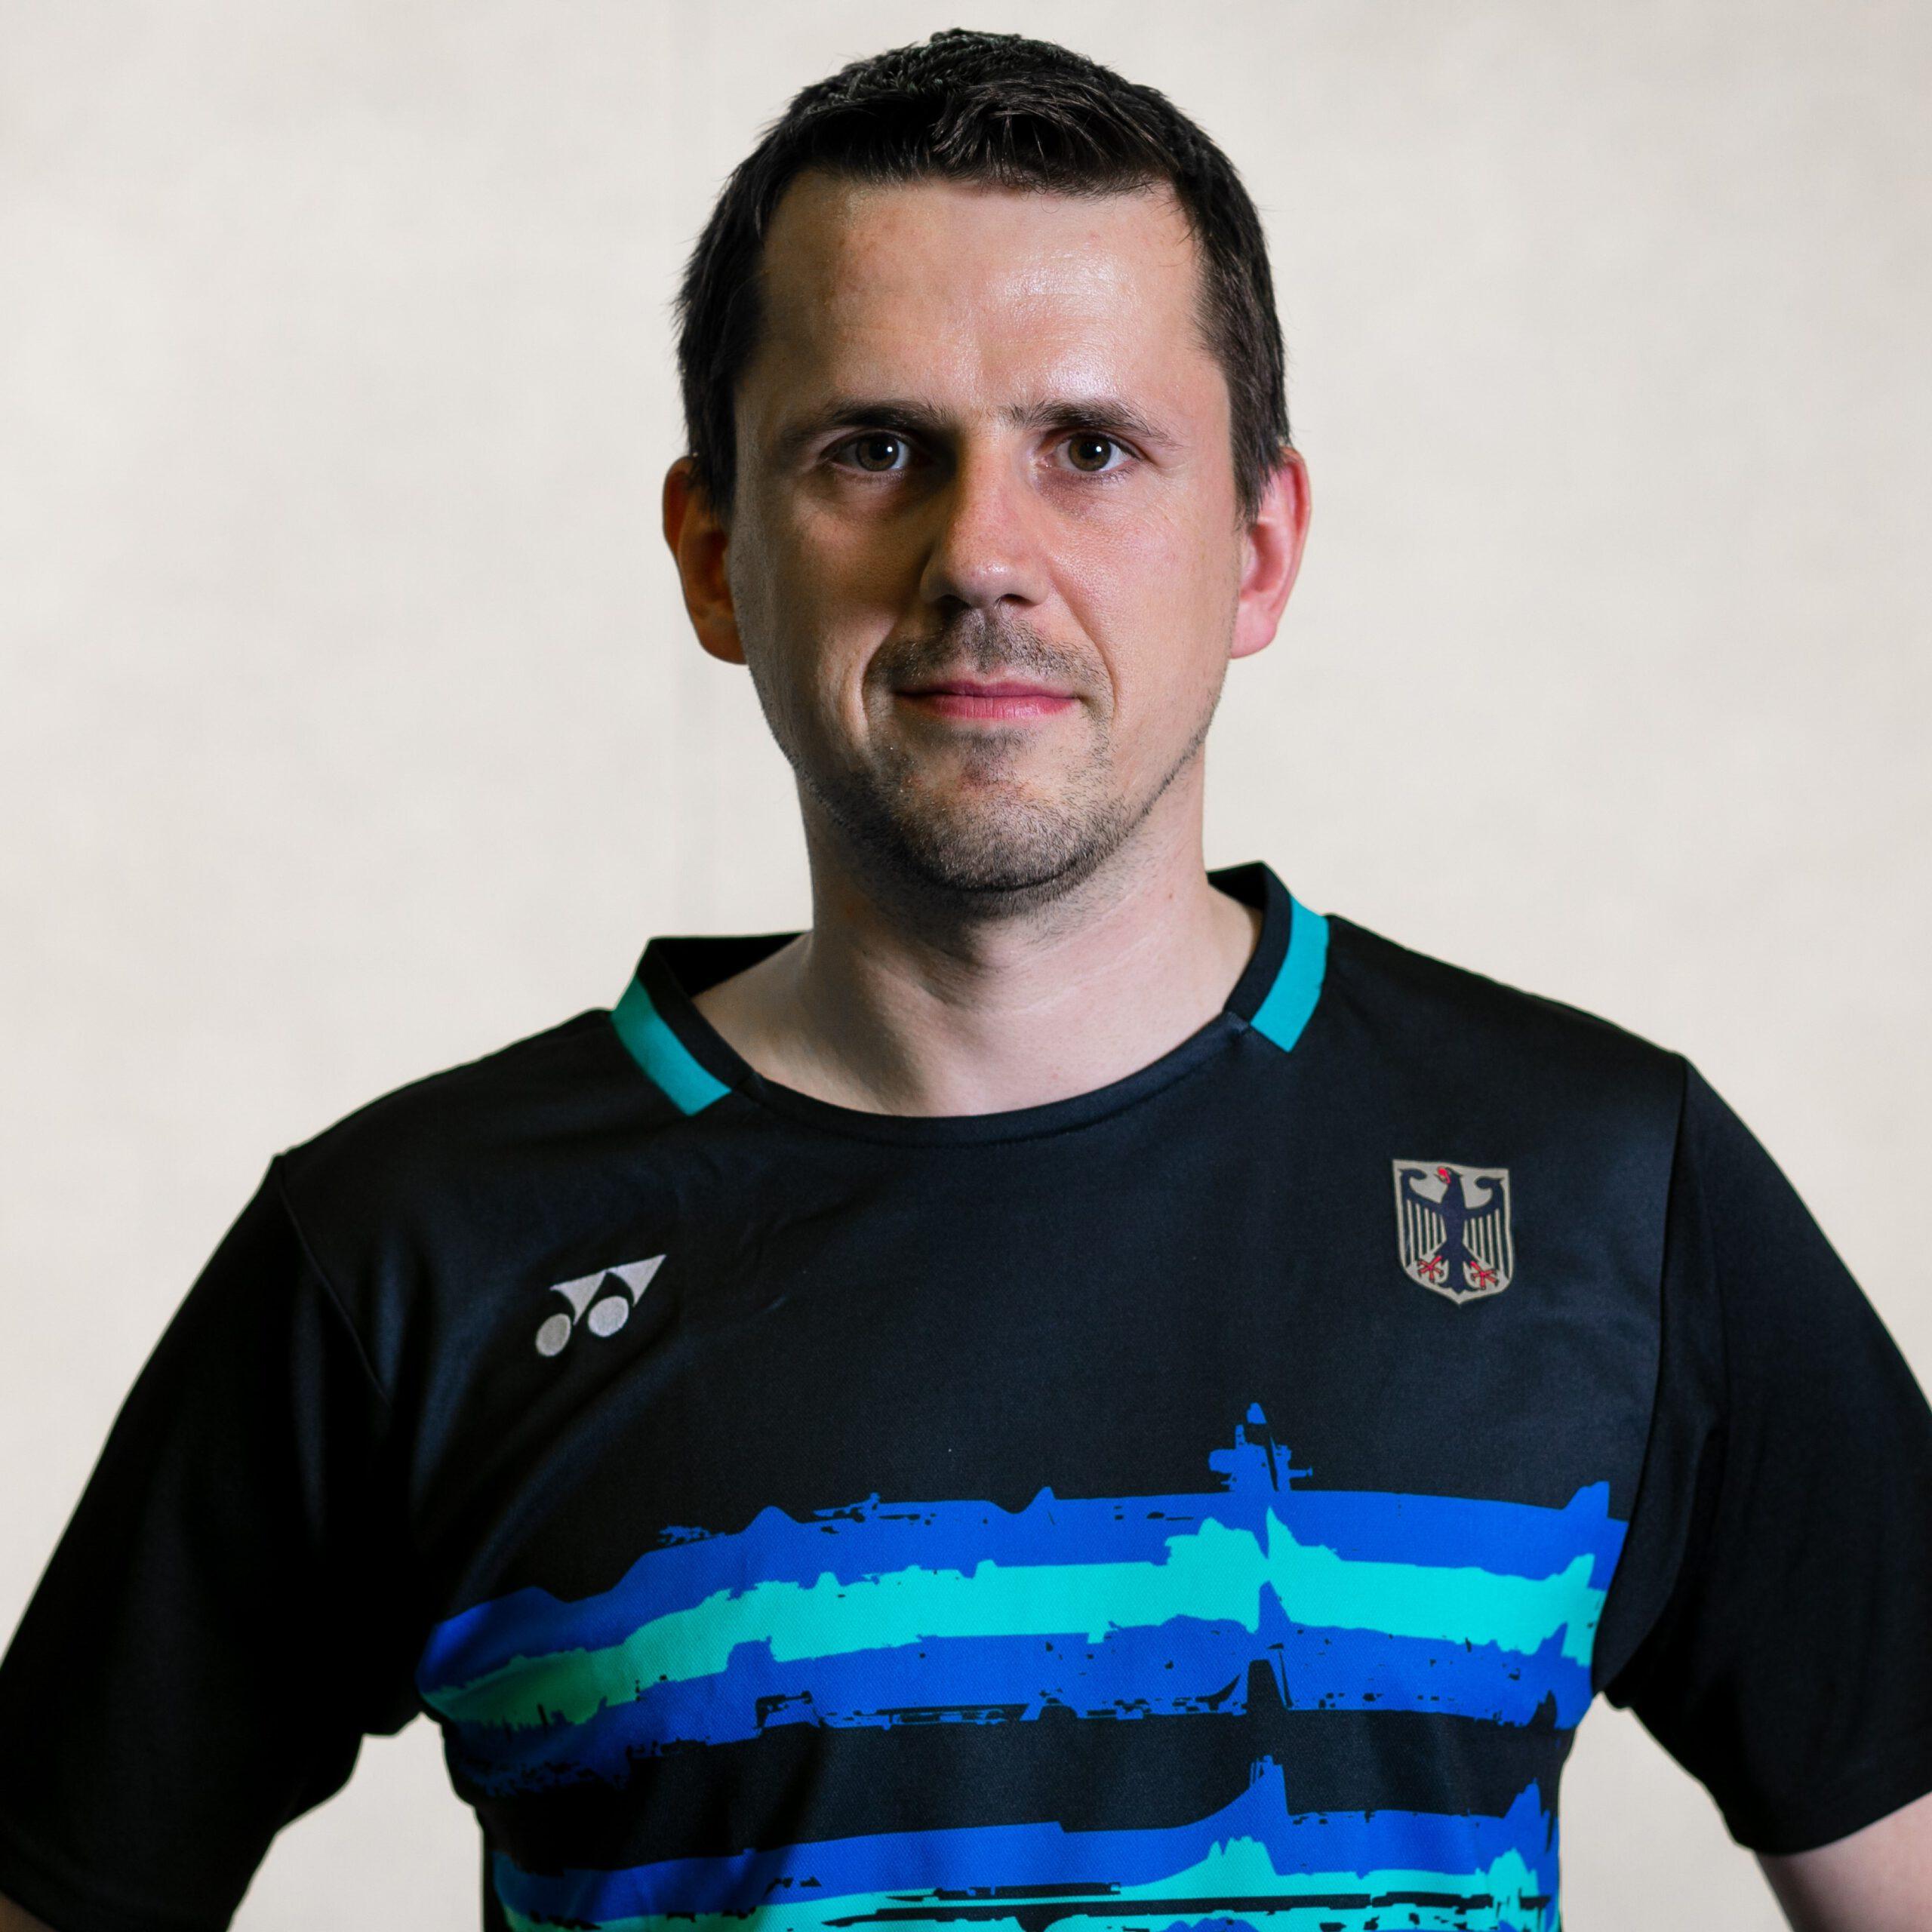 Das Interview mit Matthias Hütten – Bundesstützpunktleiter des Badminton Nationalmannschaftstützpunkts in Mülheim an der Ruhr